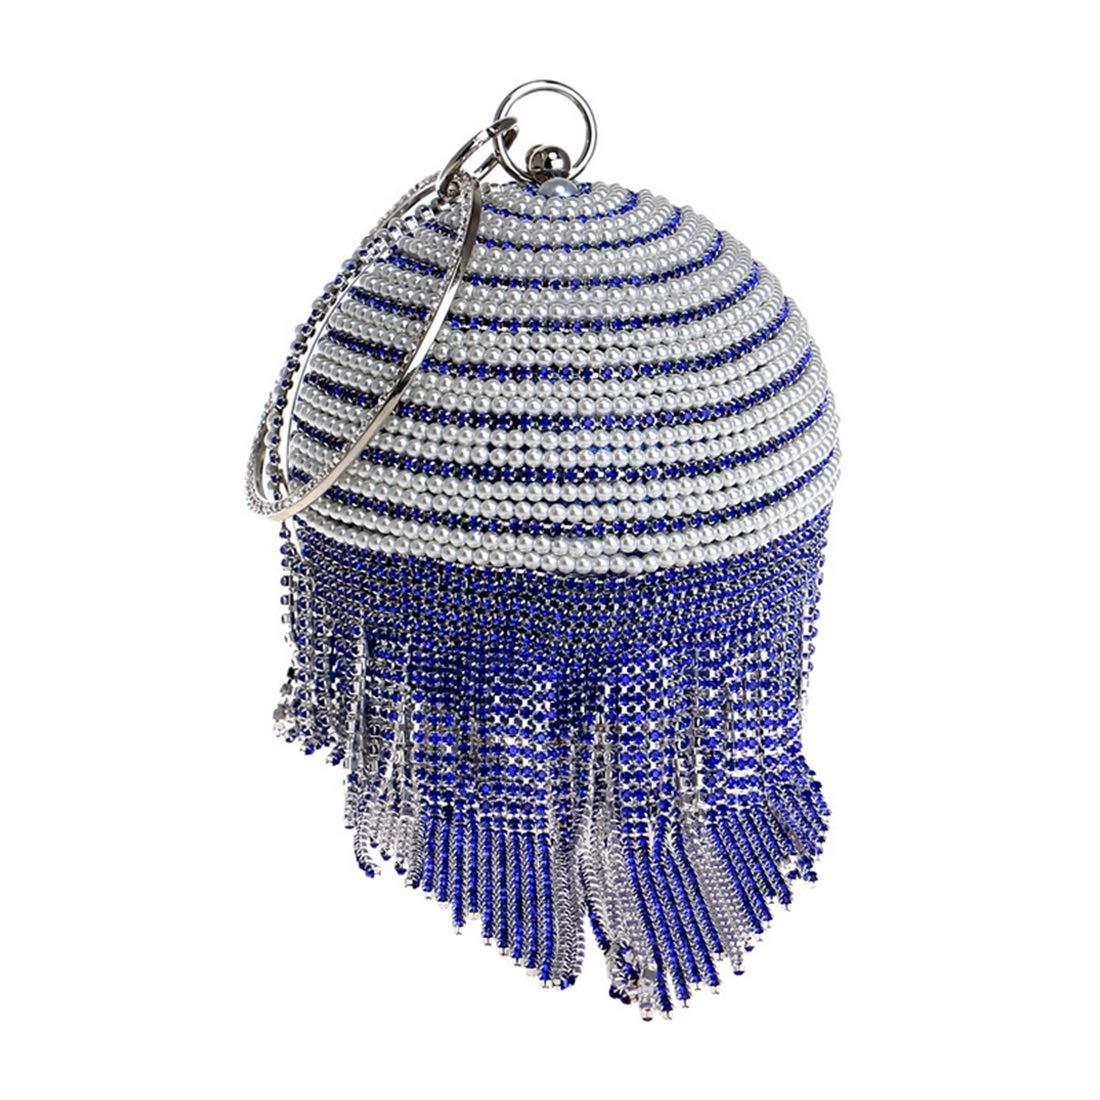 MALLTY Frauen Ball Muster Bohrer mit Perlen Clutch Clutch Clutch Bag Lange Quaste Damen Abendtasche für Braut Hochzeit Cocktail Handtasche Prom Bag (Farbe   Blau) B07PCPDX3G Clutches Fett und dünn c5d3b7